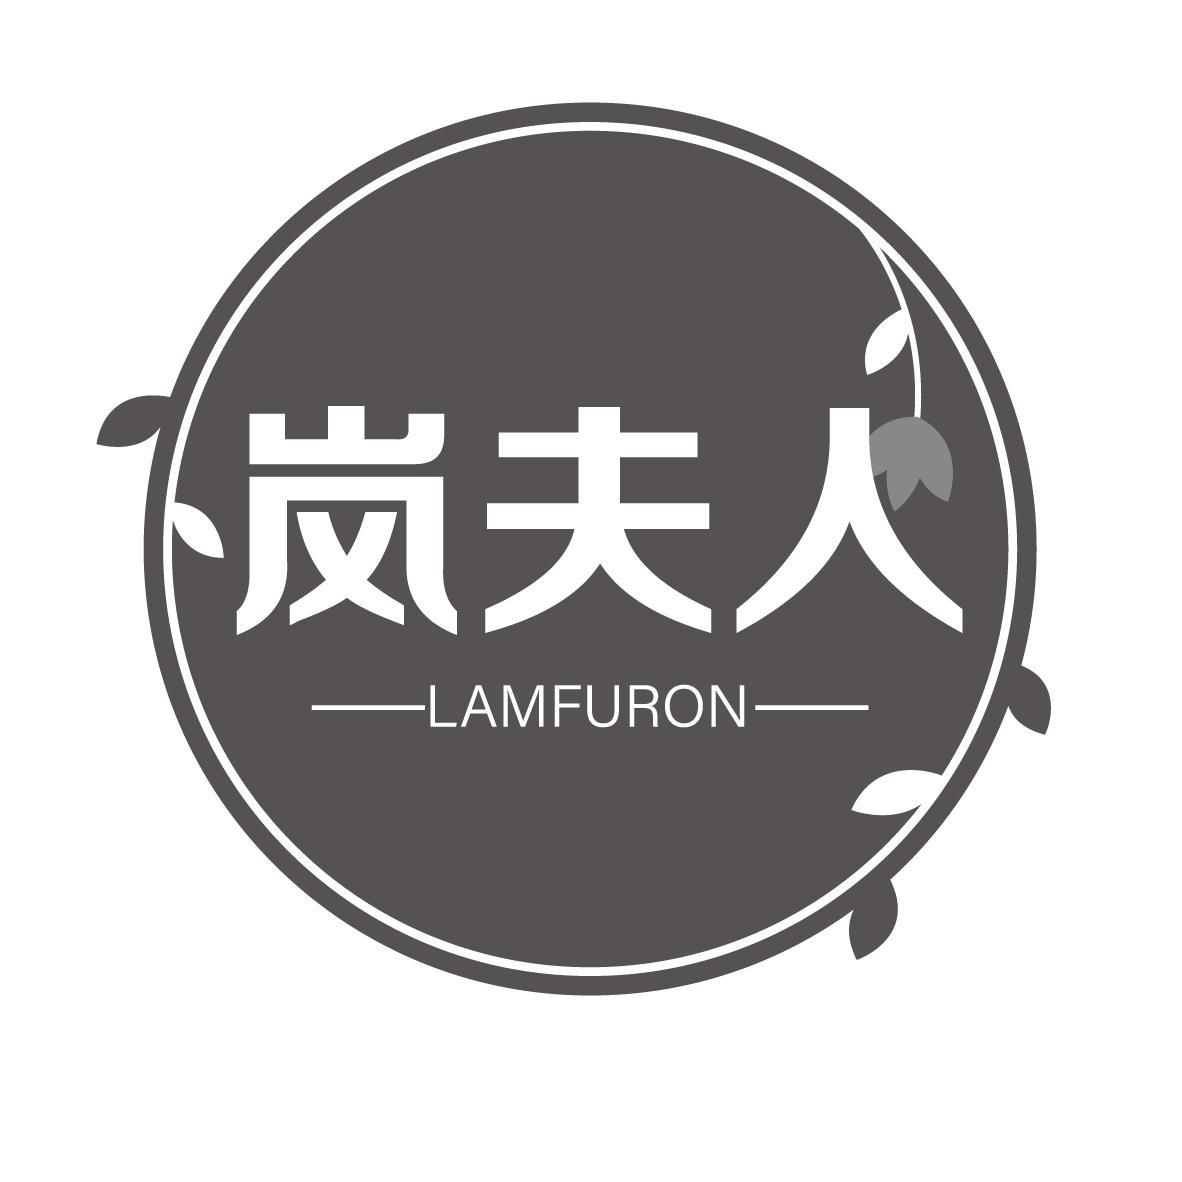 转让商标-岚夫人 LAMFURON